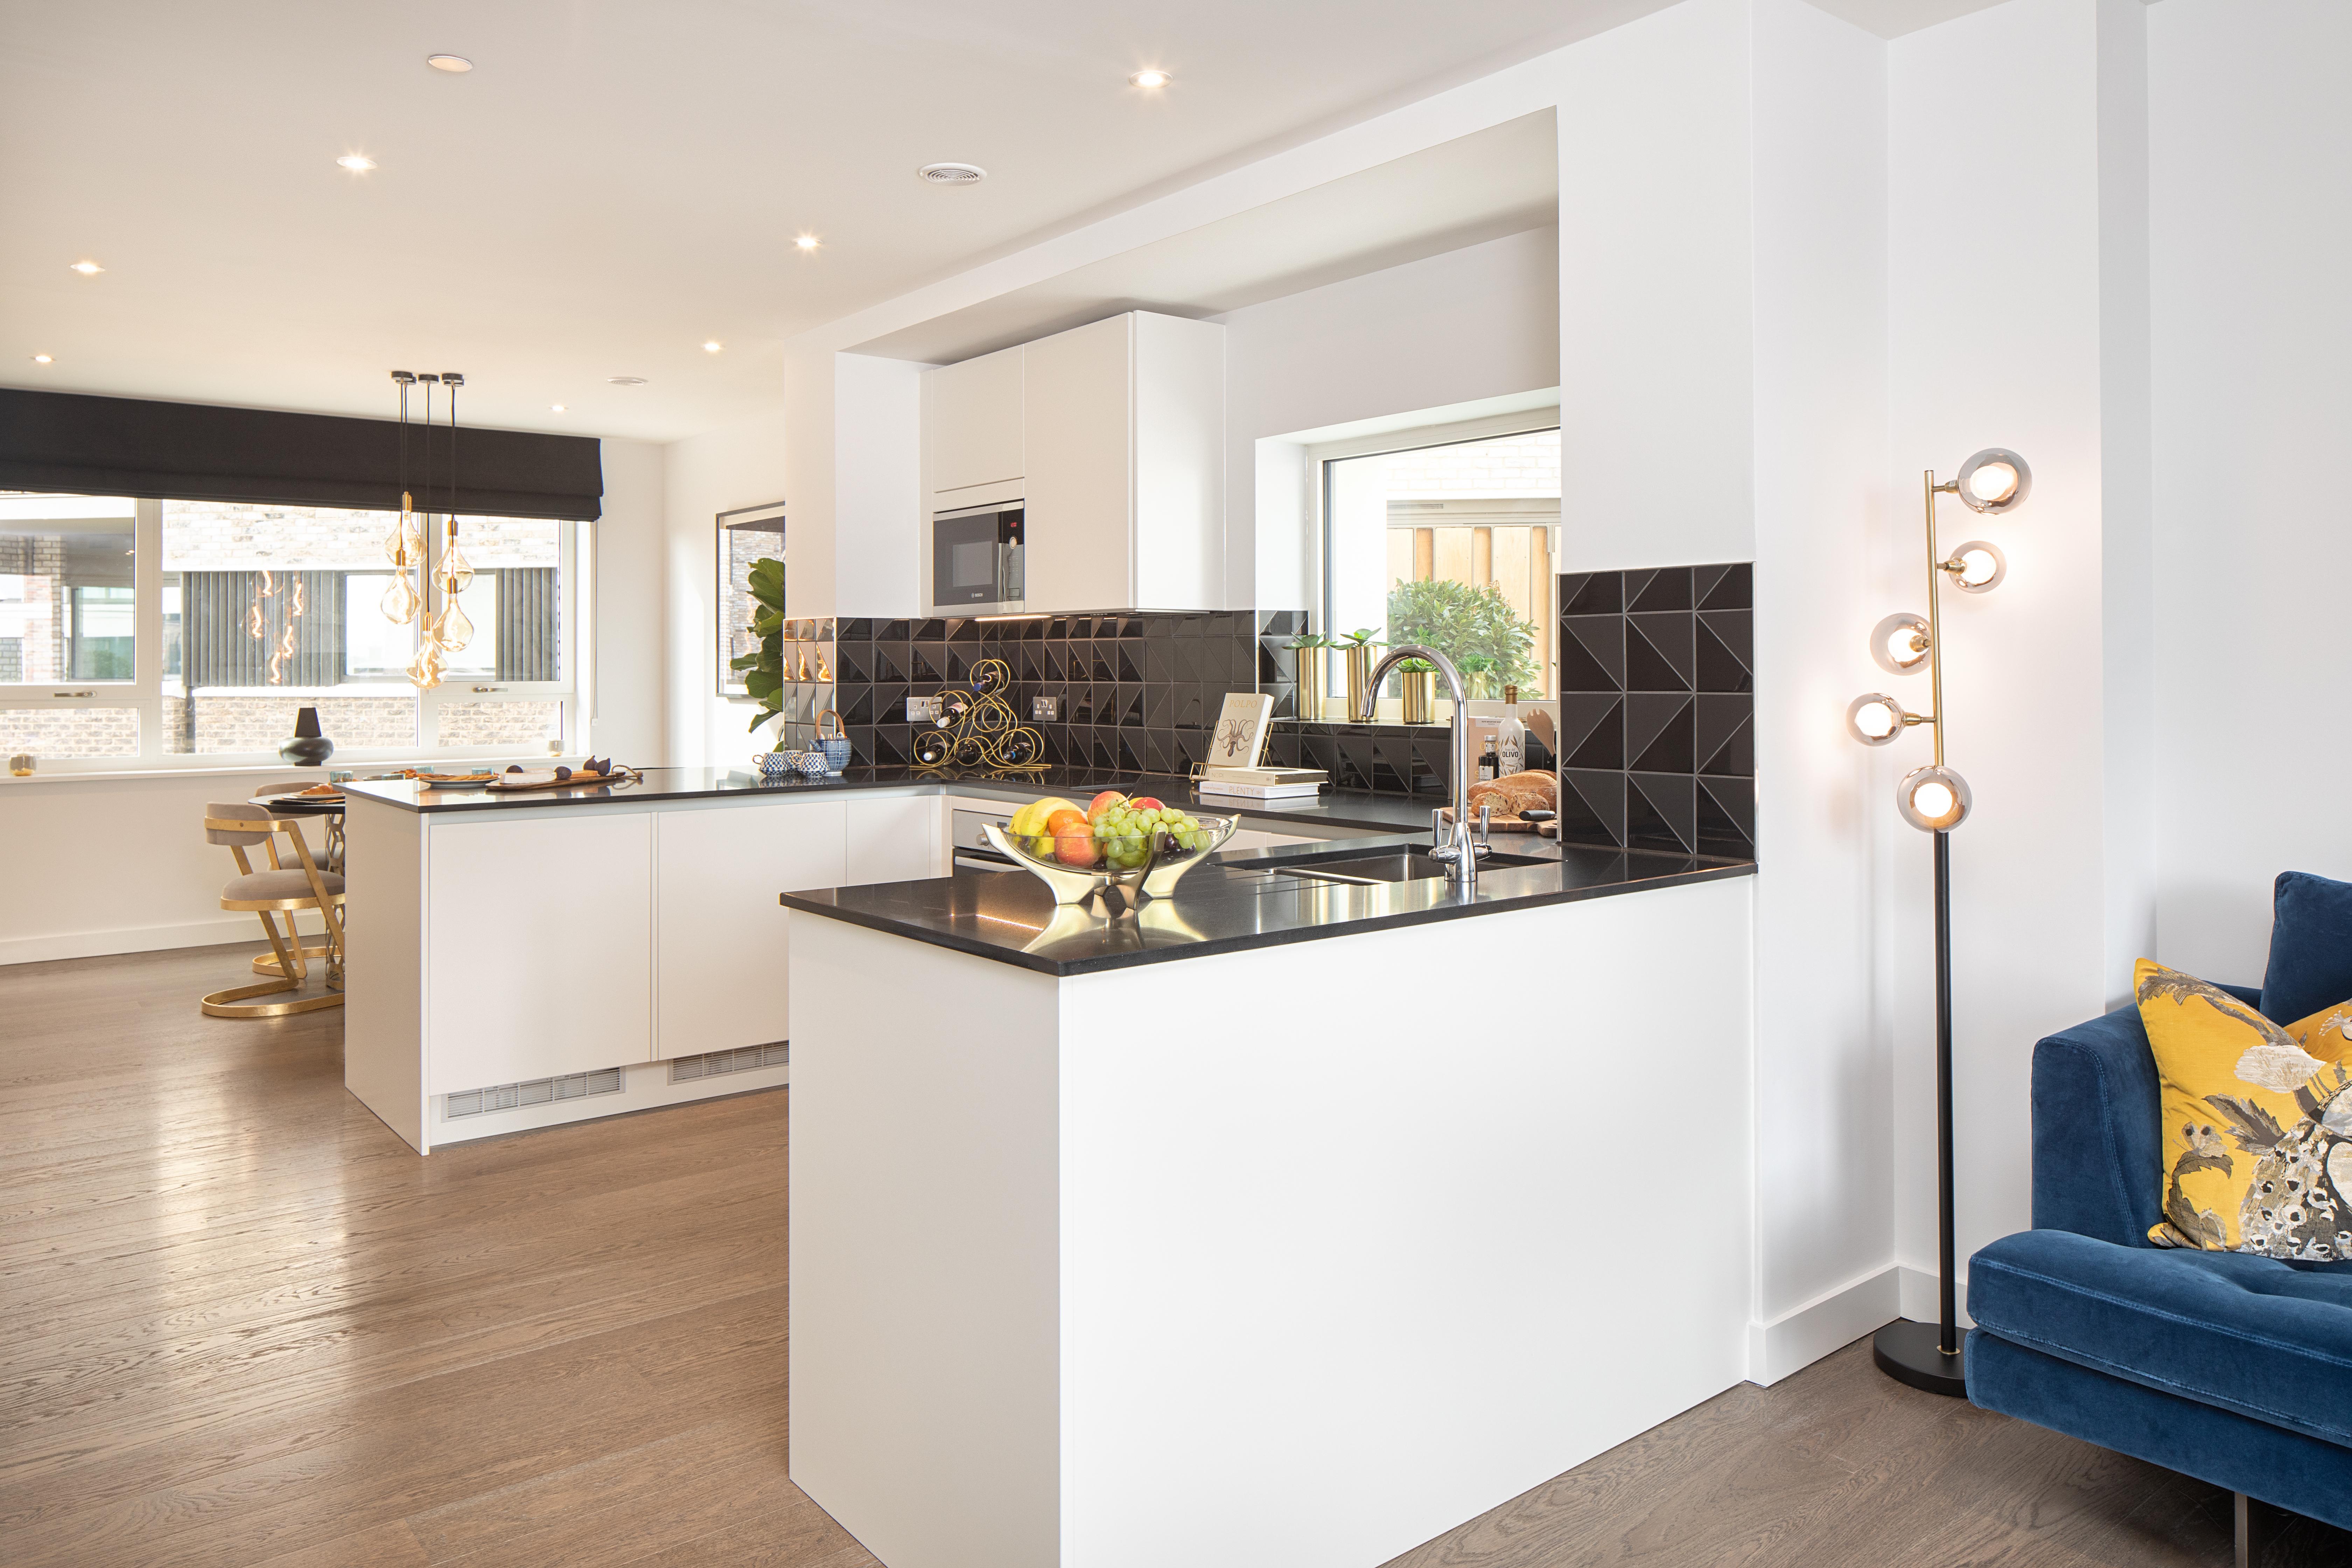 Apartment 501, Elephant Park, London, Lendlease